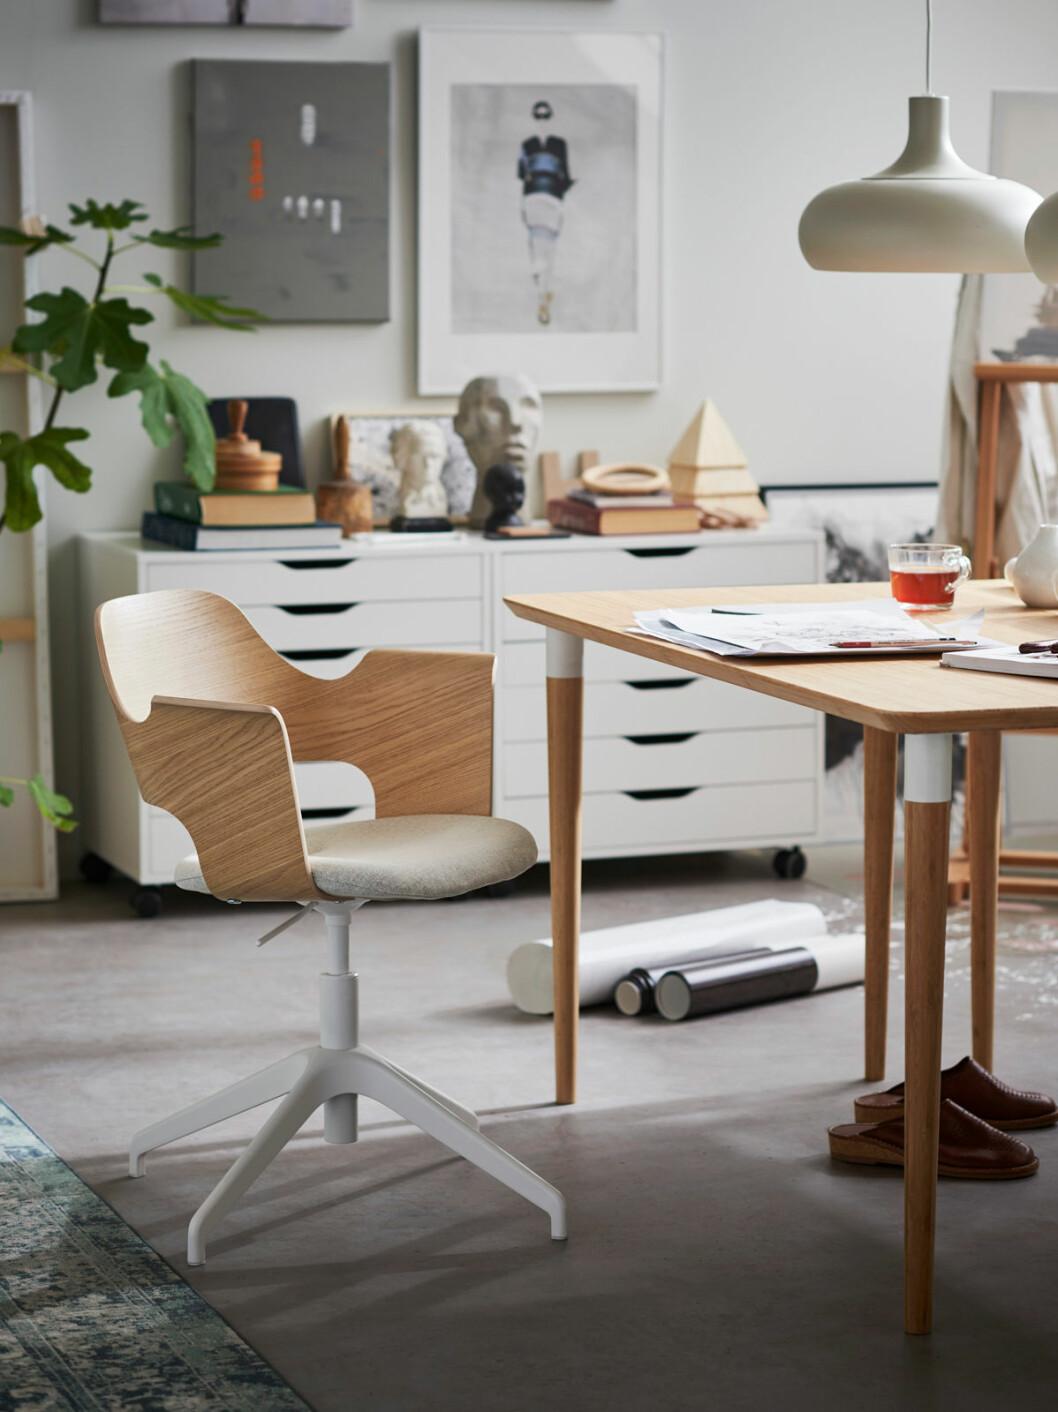 Inredningsnyhet ikea skrivbordsstol